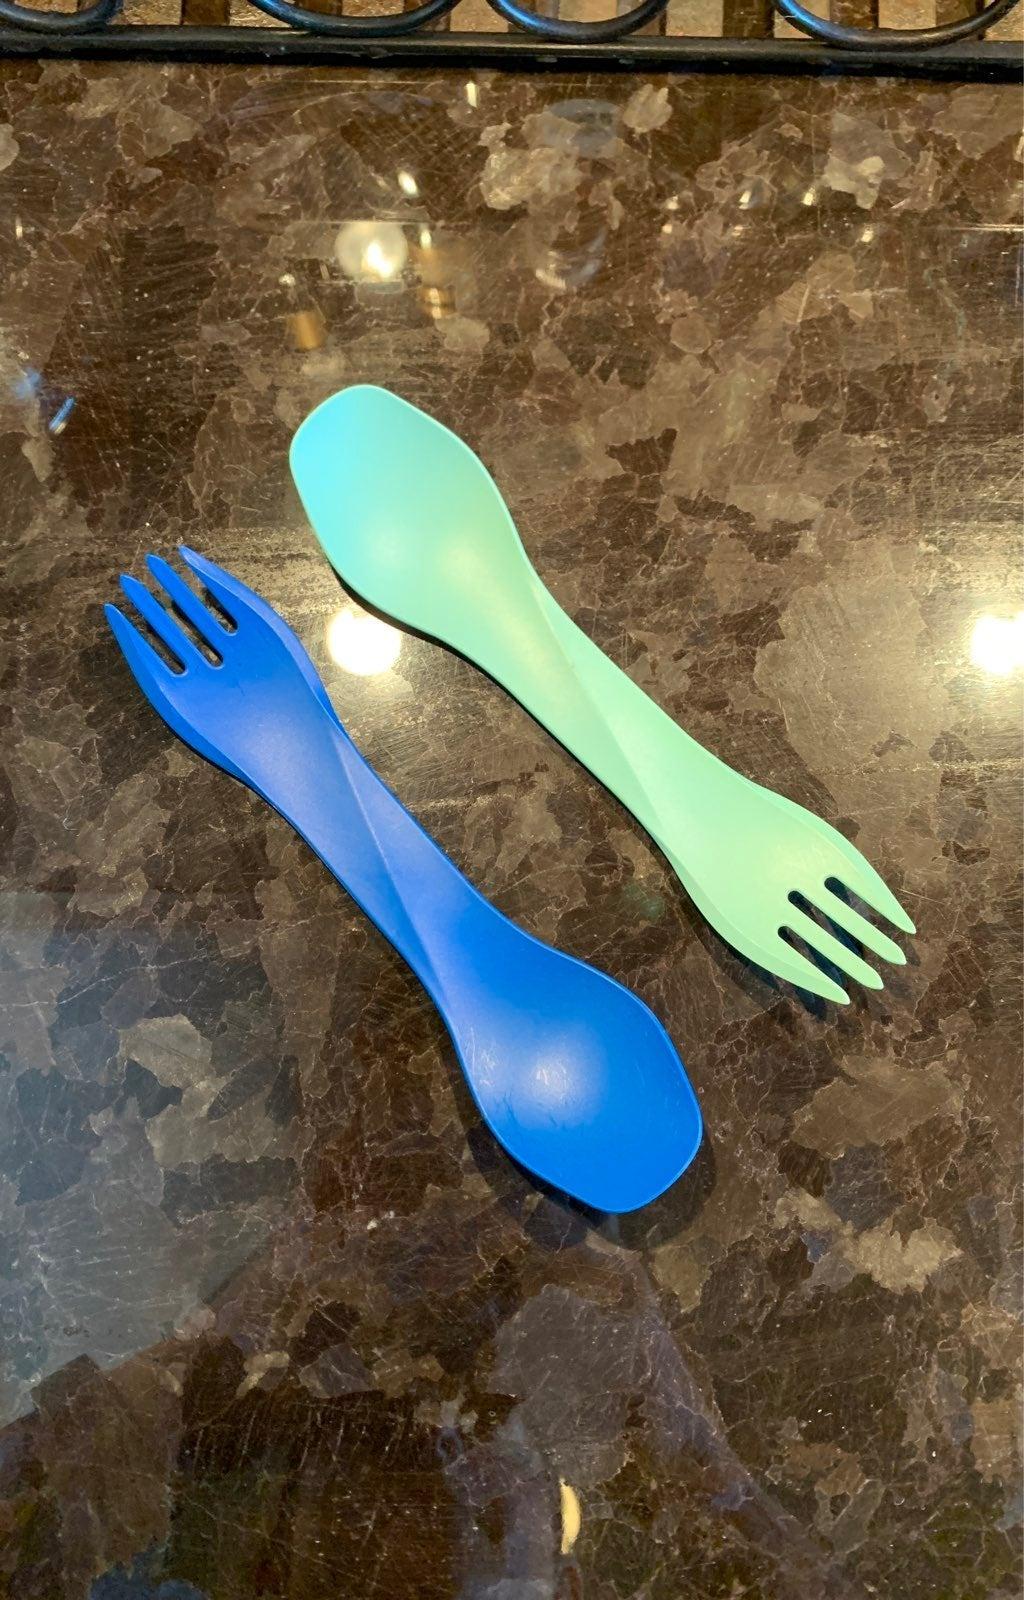 Set of 2 humangear travel utensils